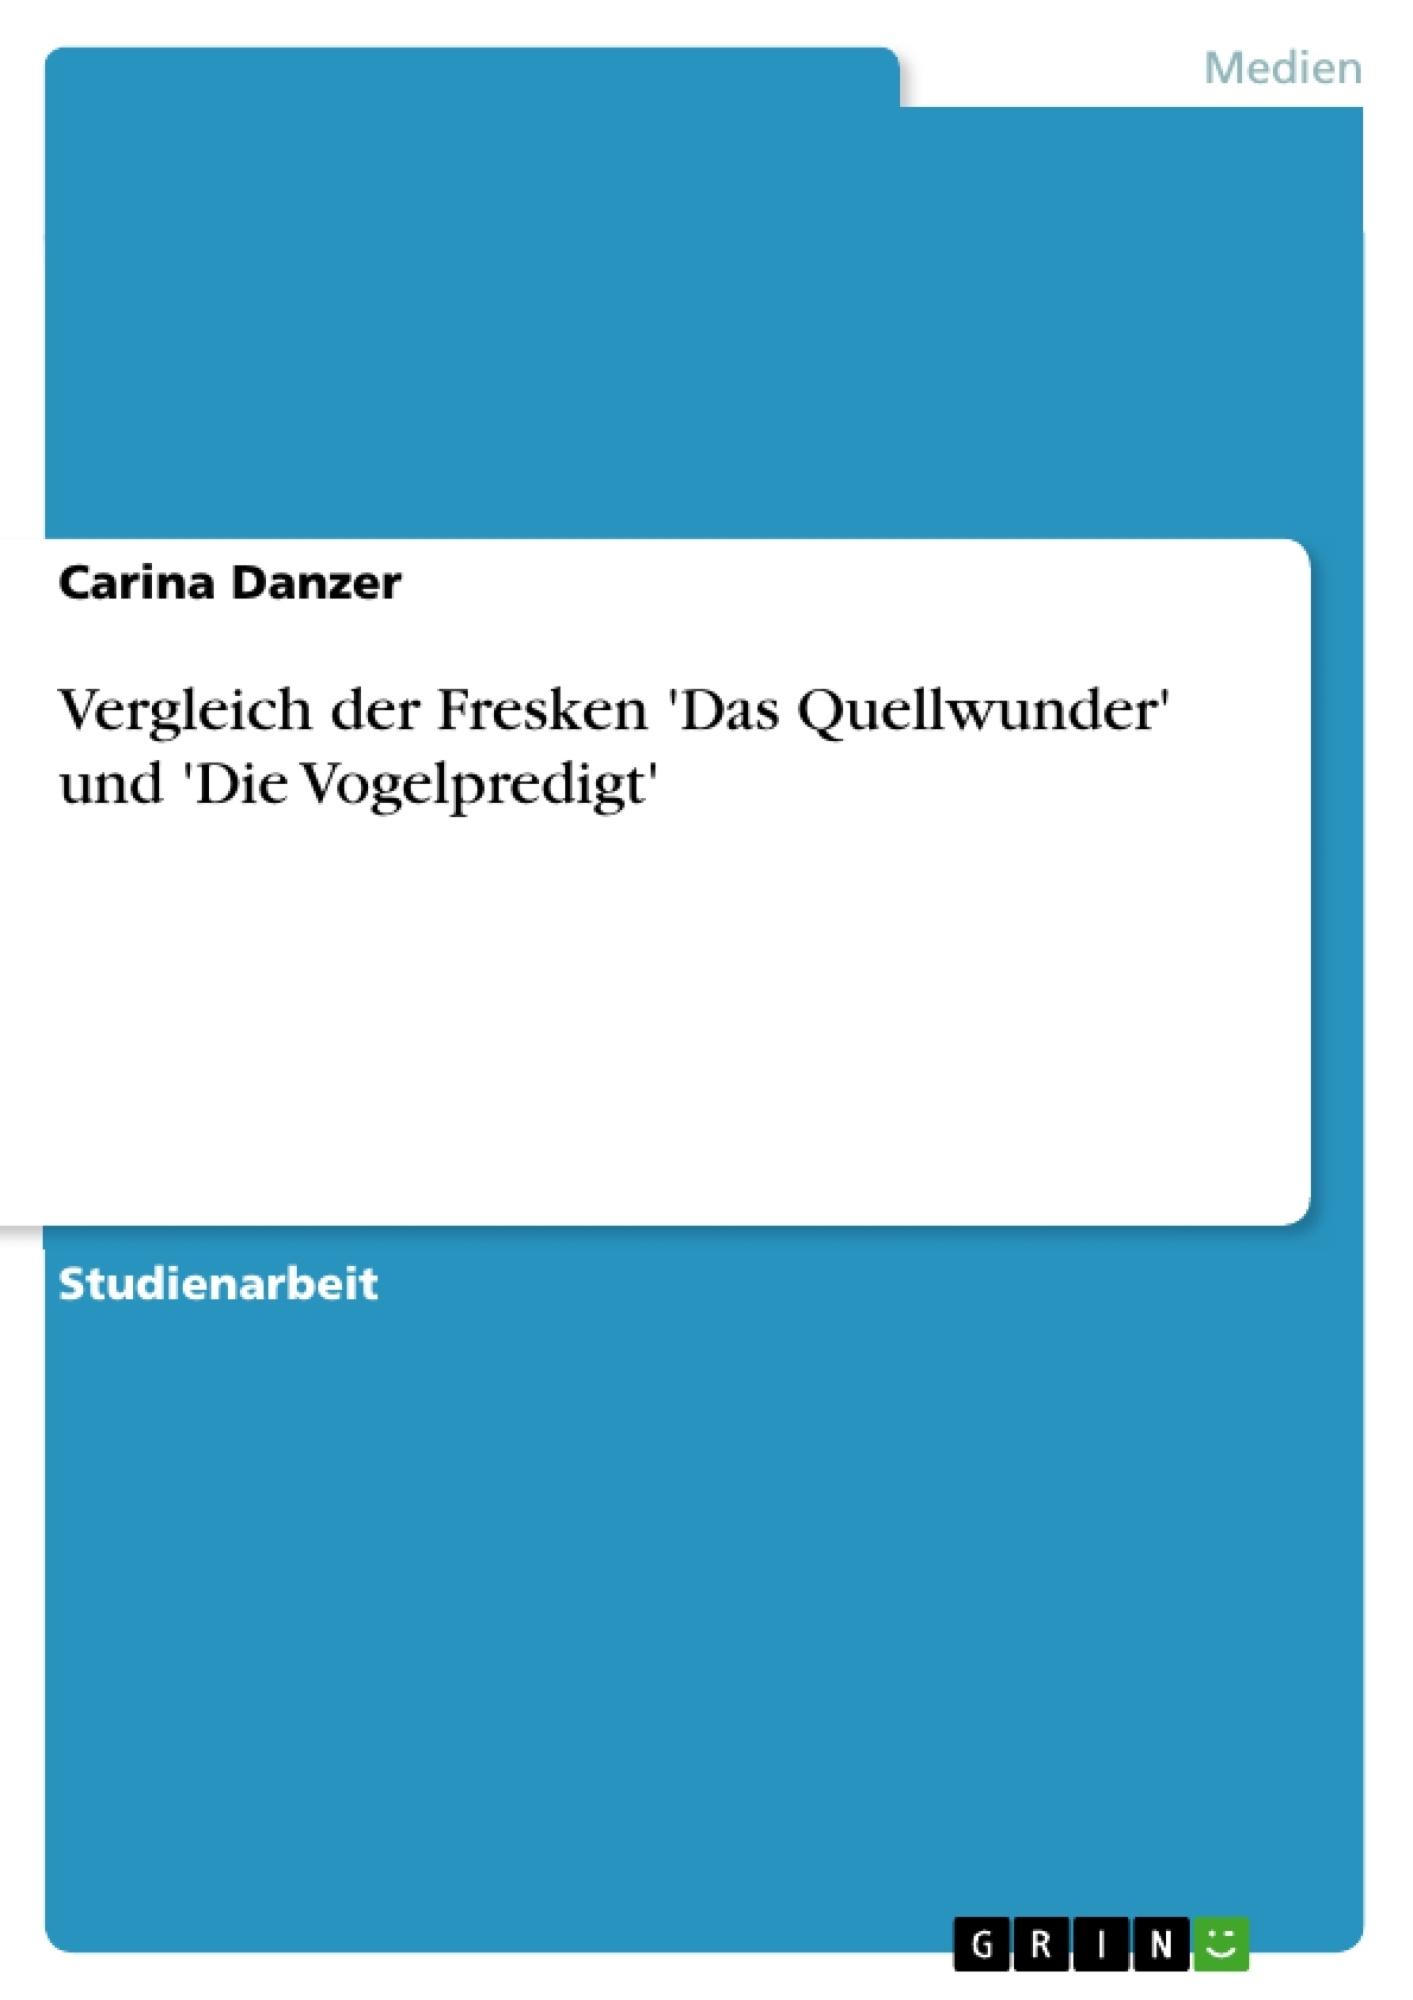 Titel: Vergleich der Fresken 'Das Quellwunder' und 'Die Vogelpredigt'